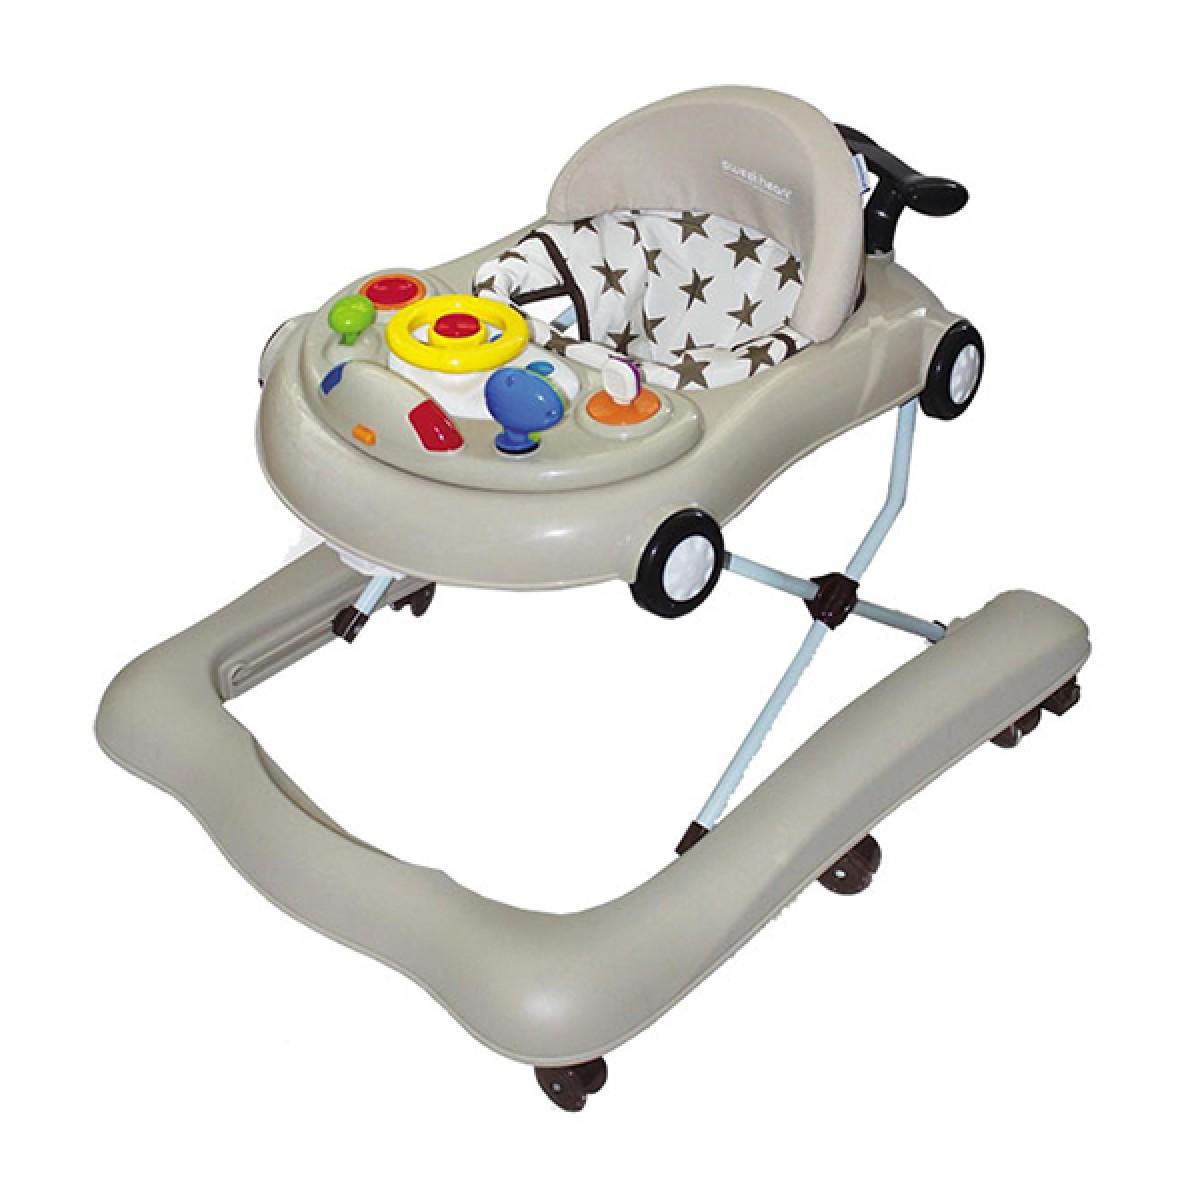 COOPER BABY WALKER - Kico Baby Center